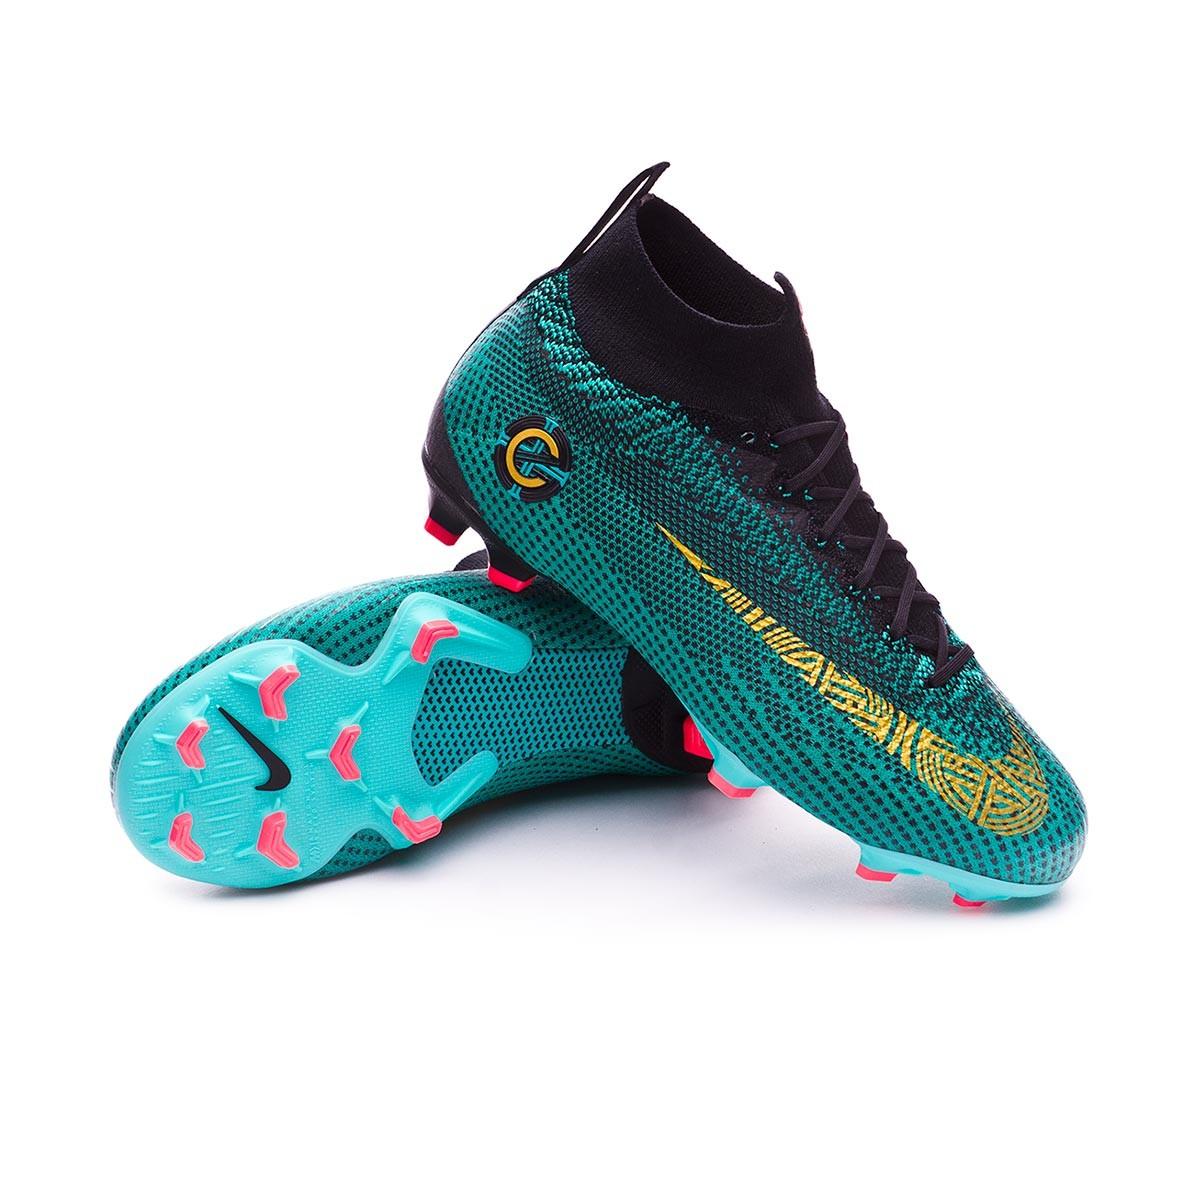 011442e77a221 Zapatos de fútbol Nike Mercurial Superfly VI Elite CR7 FG Niño Clear  jade-Metallic vivid gold-Black - Tienda de fútbol Fútbol Emotion